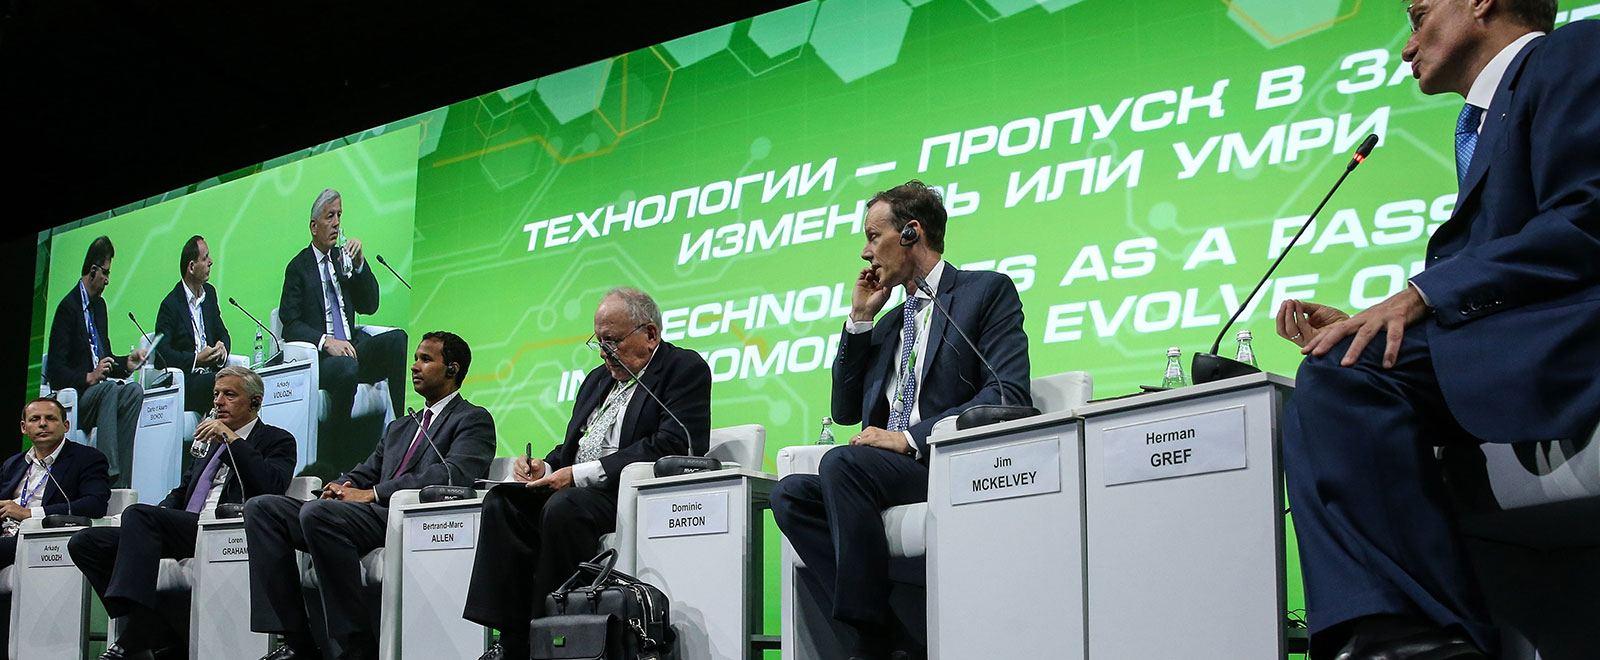 Есть ли будущее у IT в России?